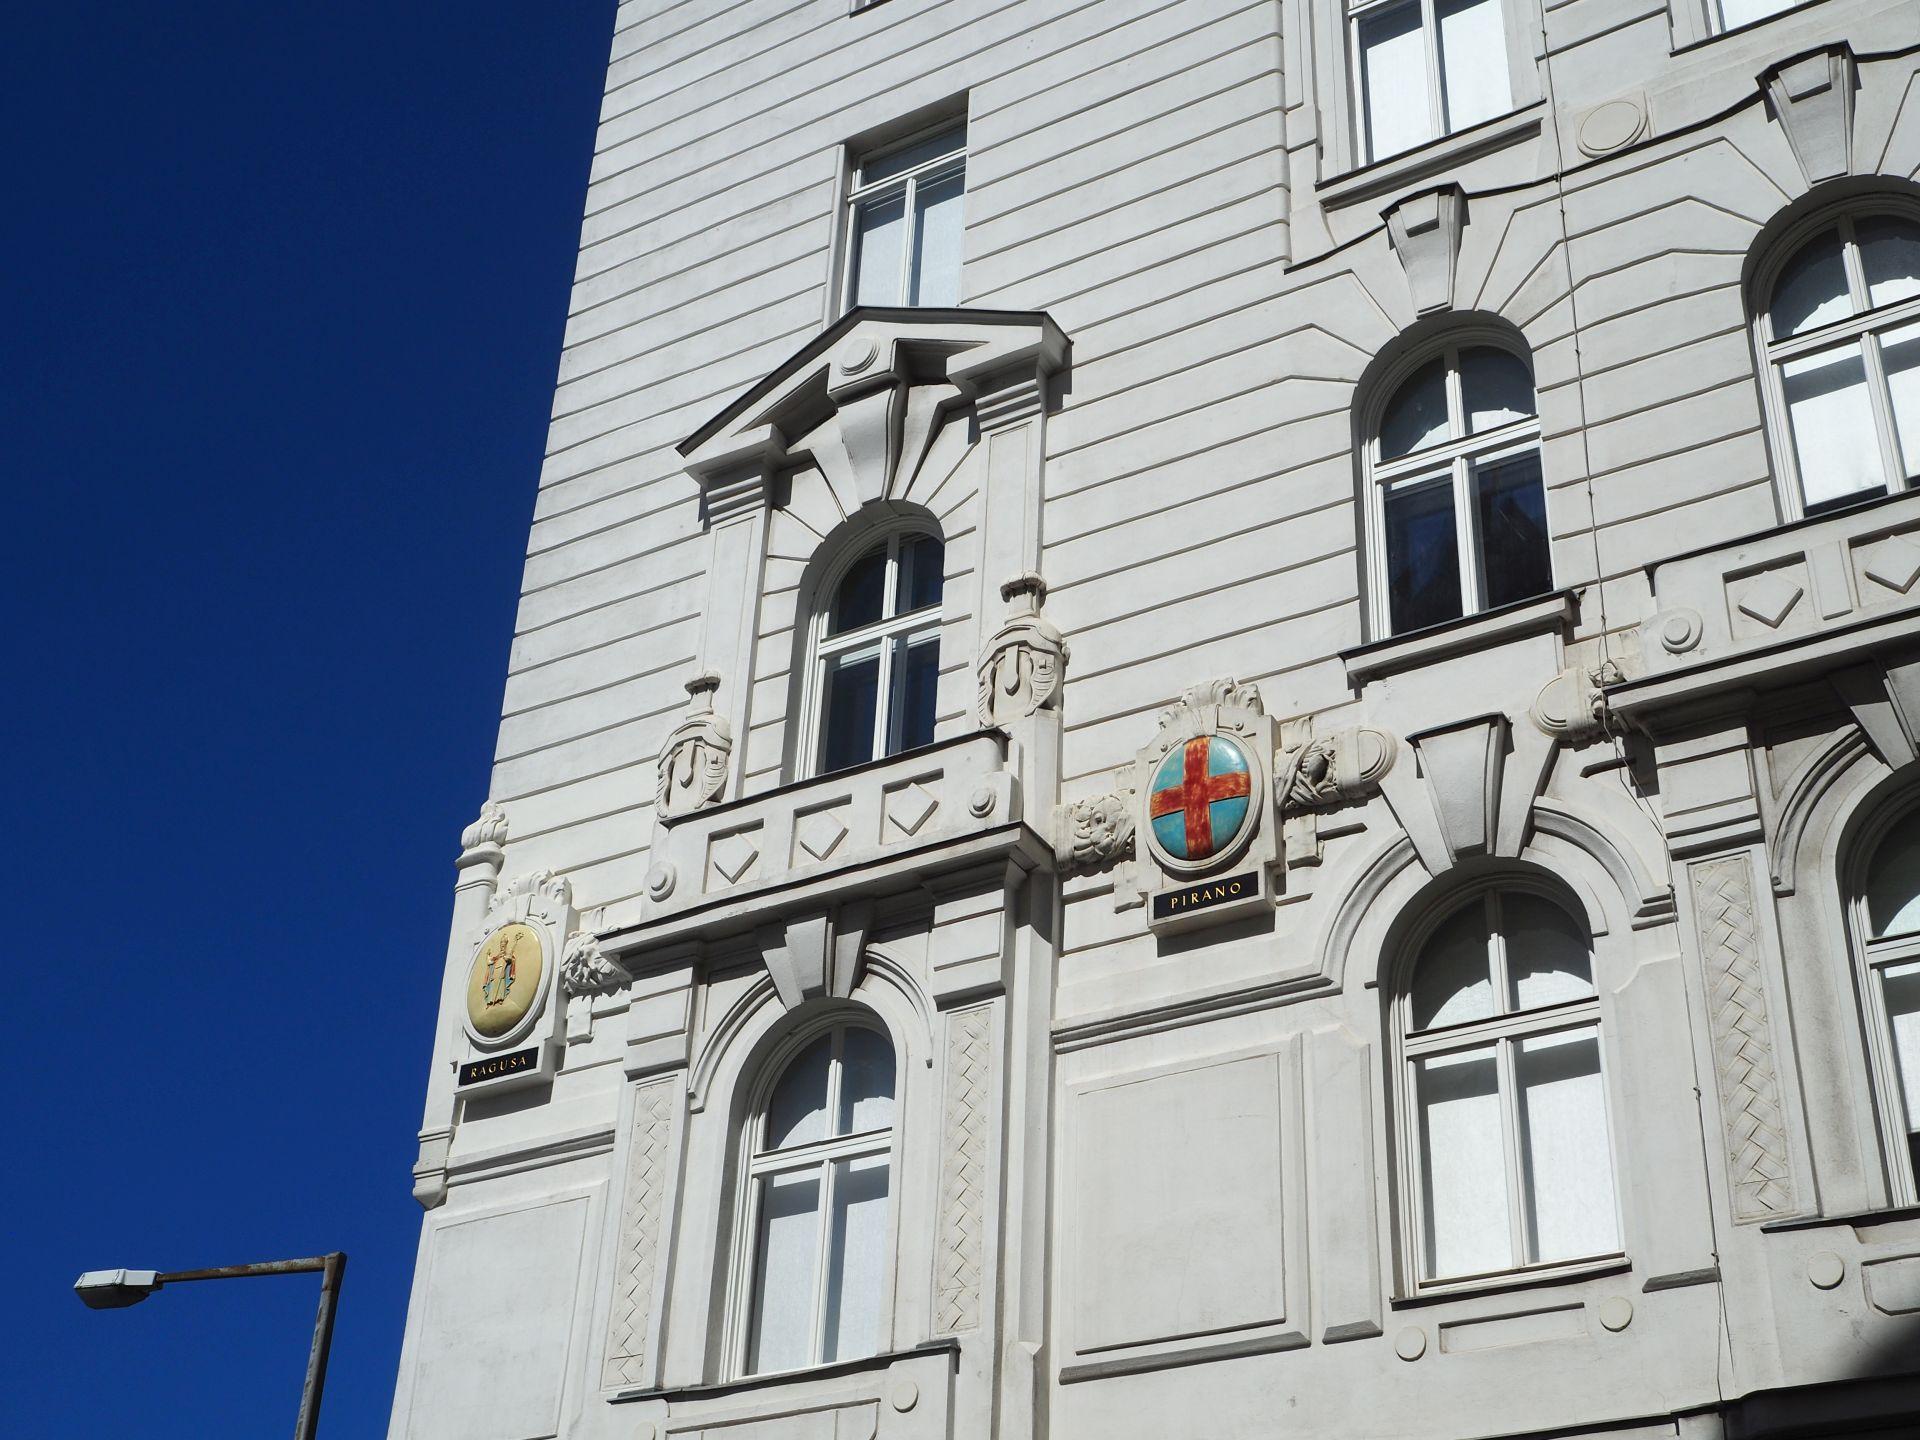 Fassade der ehemaligen Marinesektion in der Vorderen Zollamtsstraße